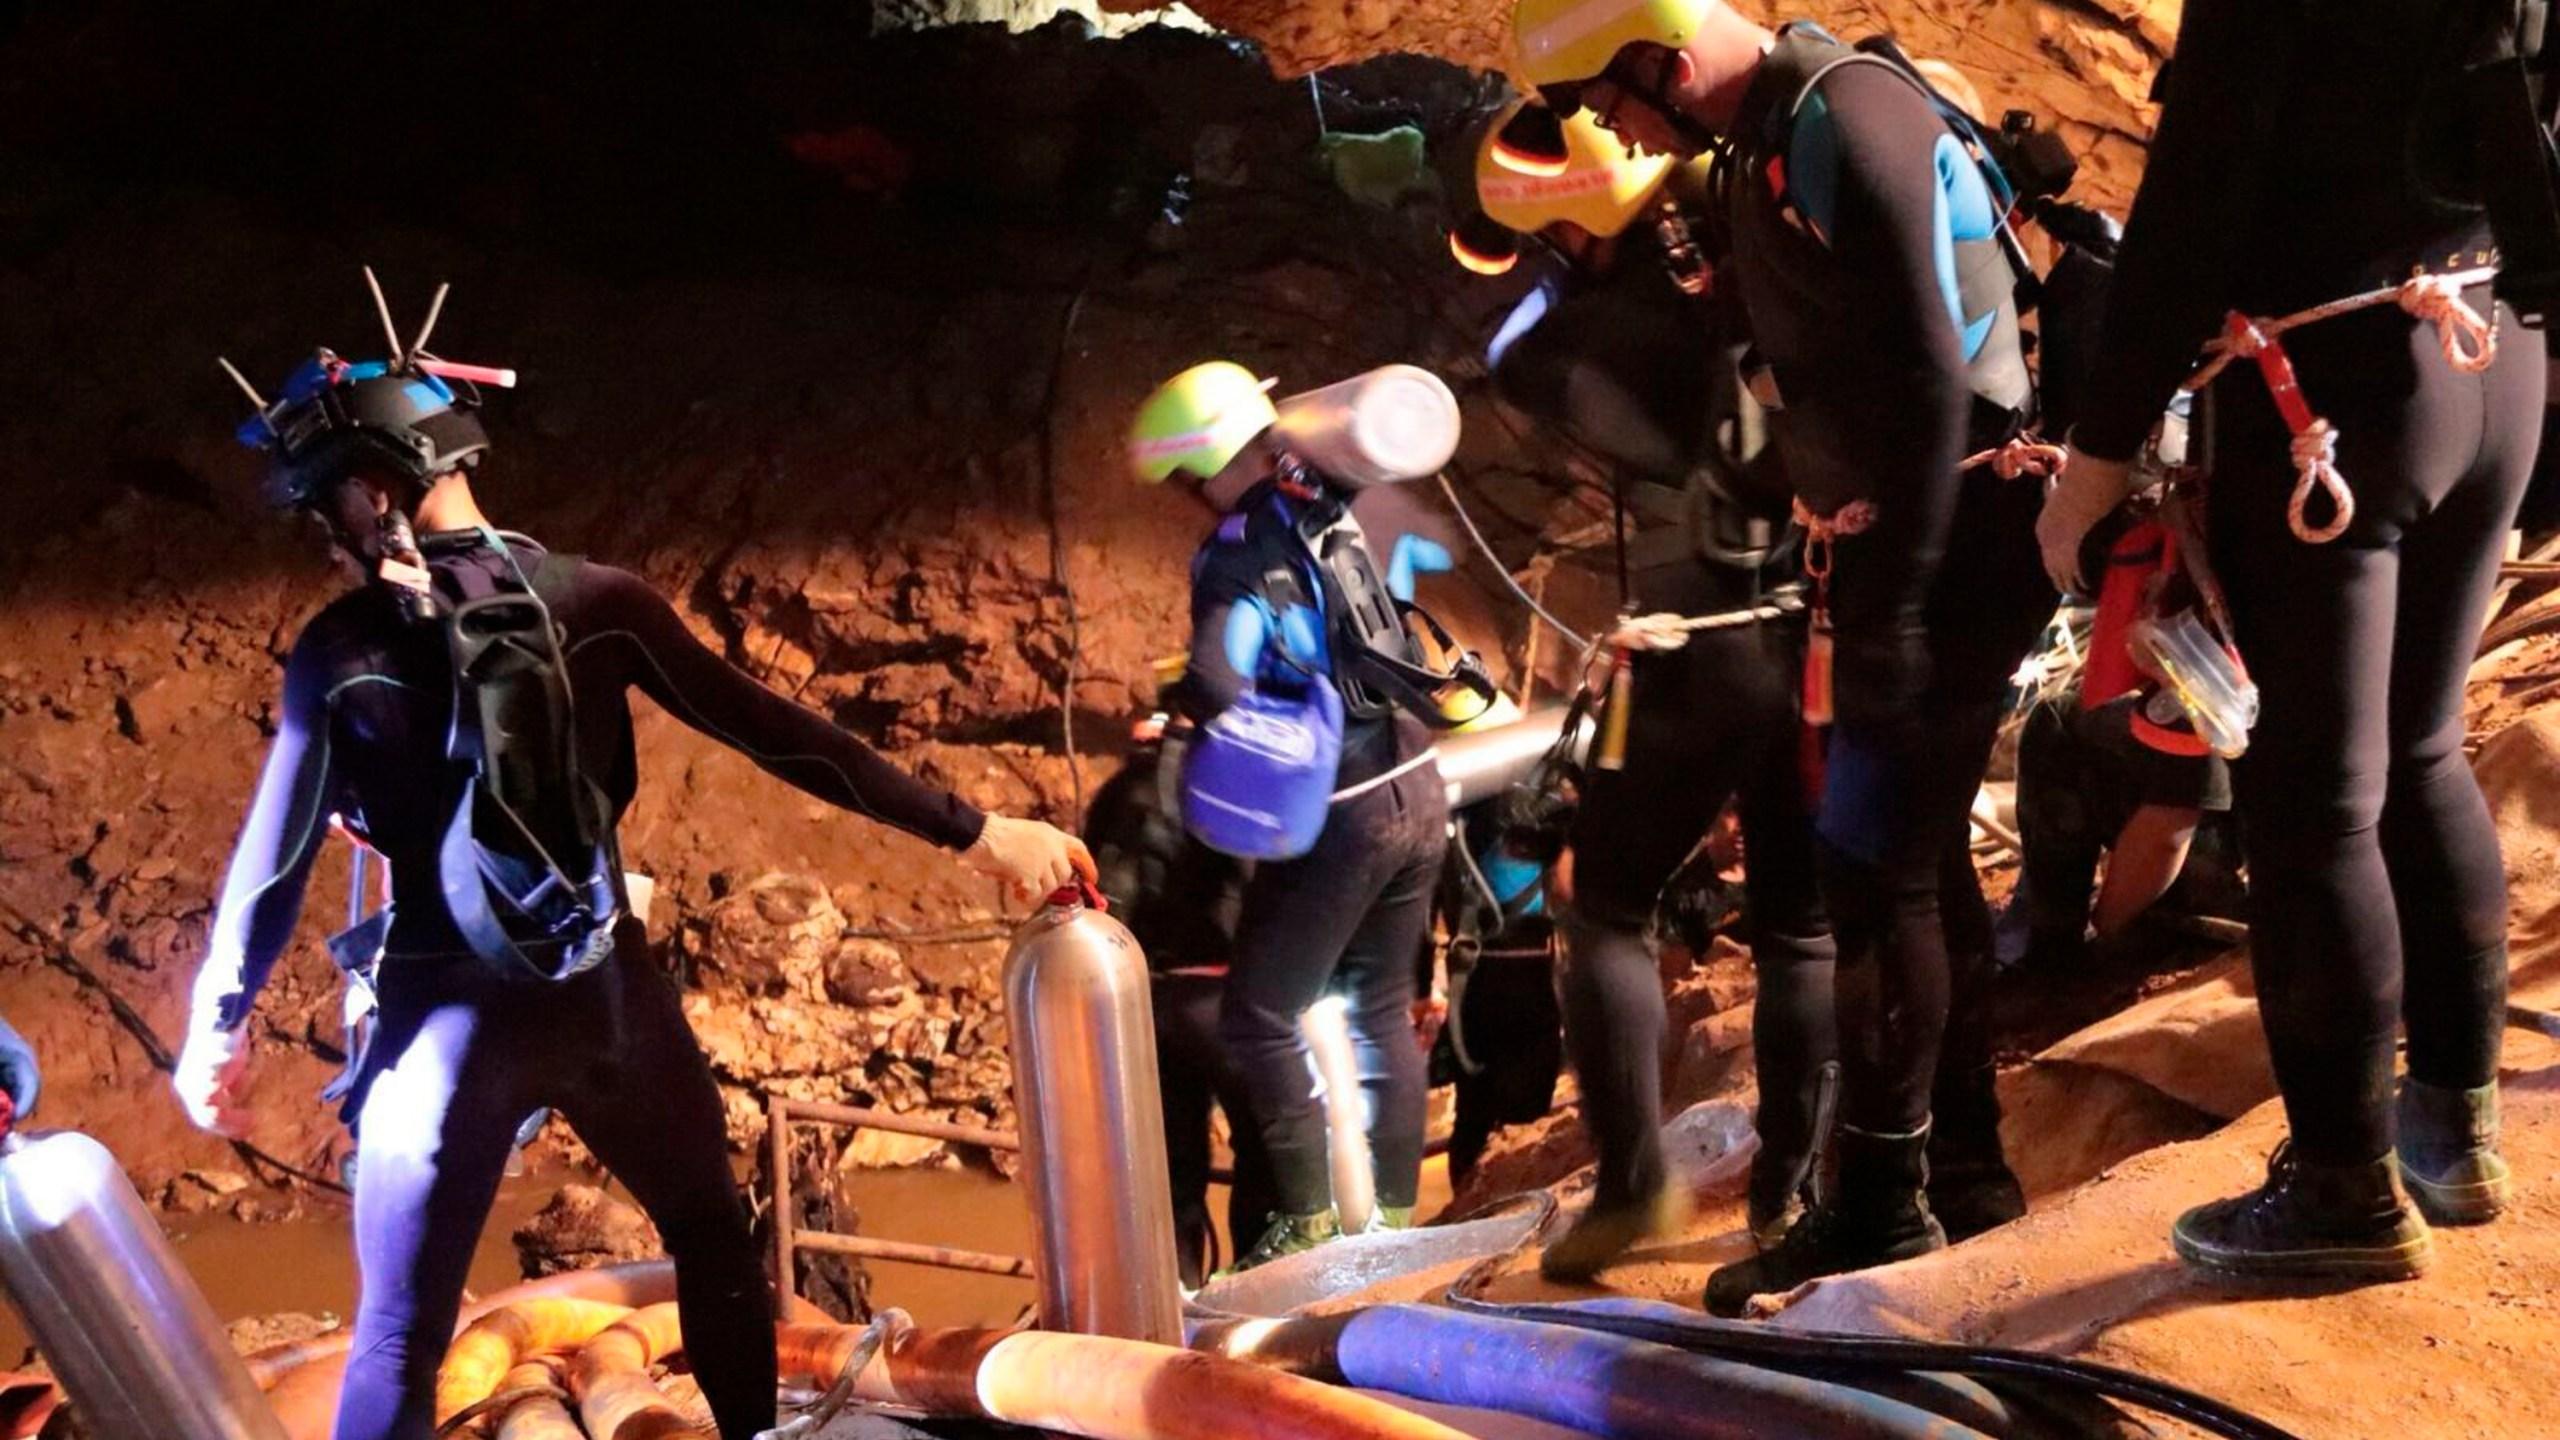 Thailand_Cave_Search_87868-159532-159532.jpg24641640